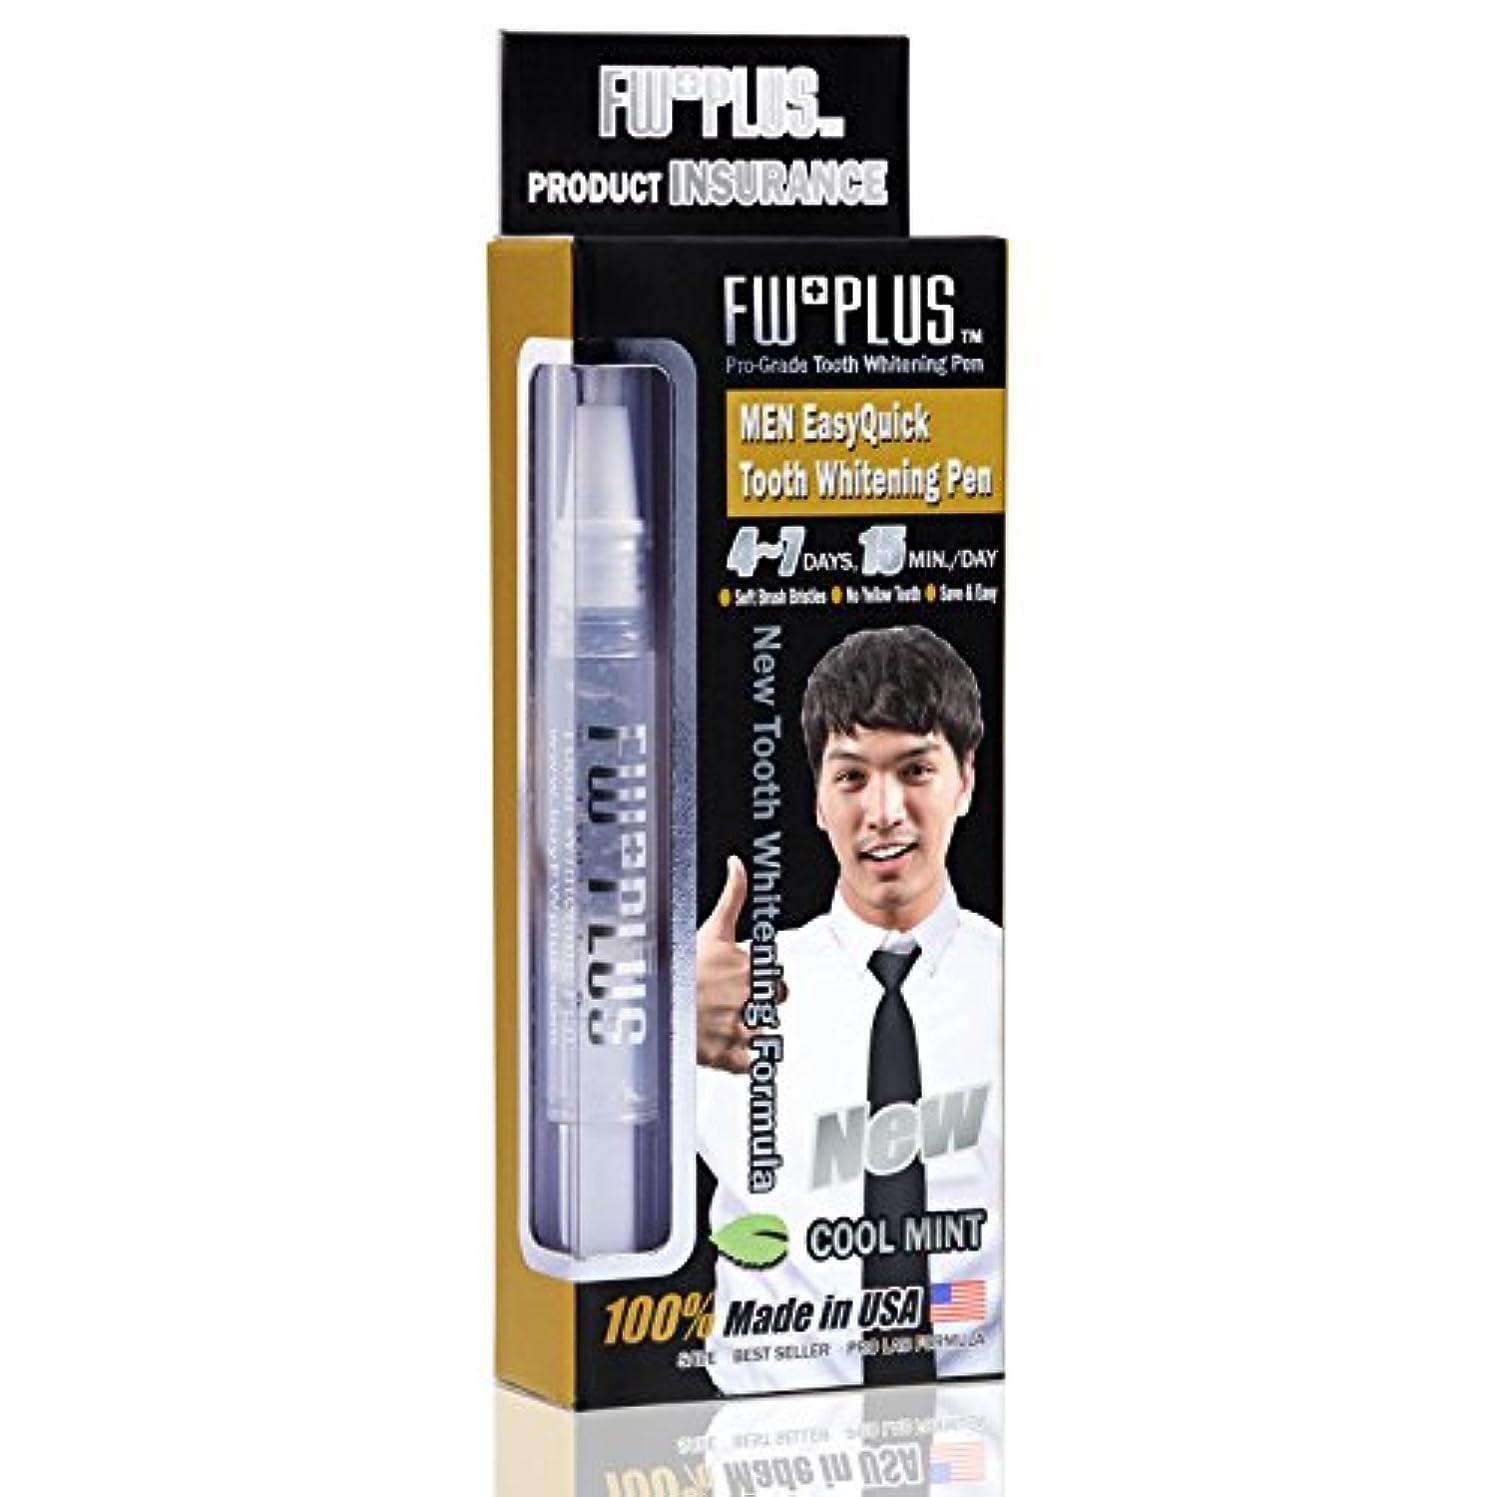 論争ツール工場FW+PLUS菲斯華 歯を白くする メンズ簡単即効ホーム歯ホワイトニングペン 歯 美白 歯ホワイトニング ジェル